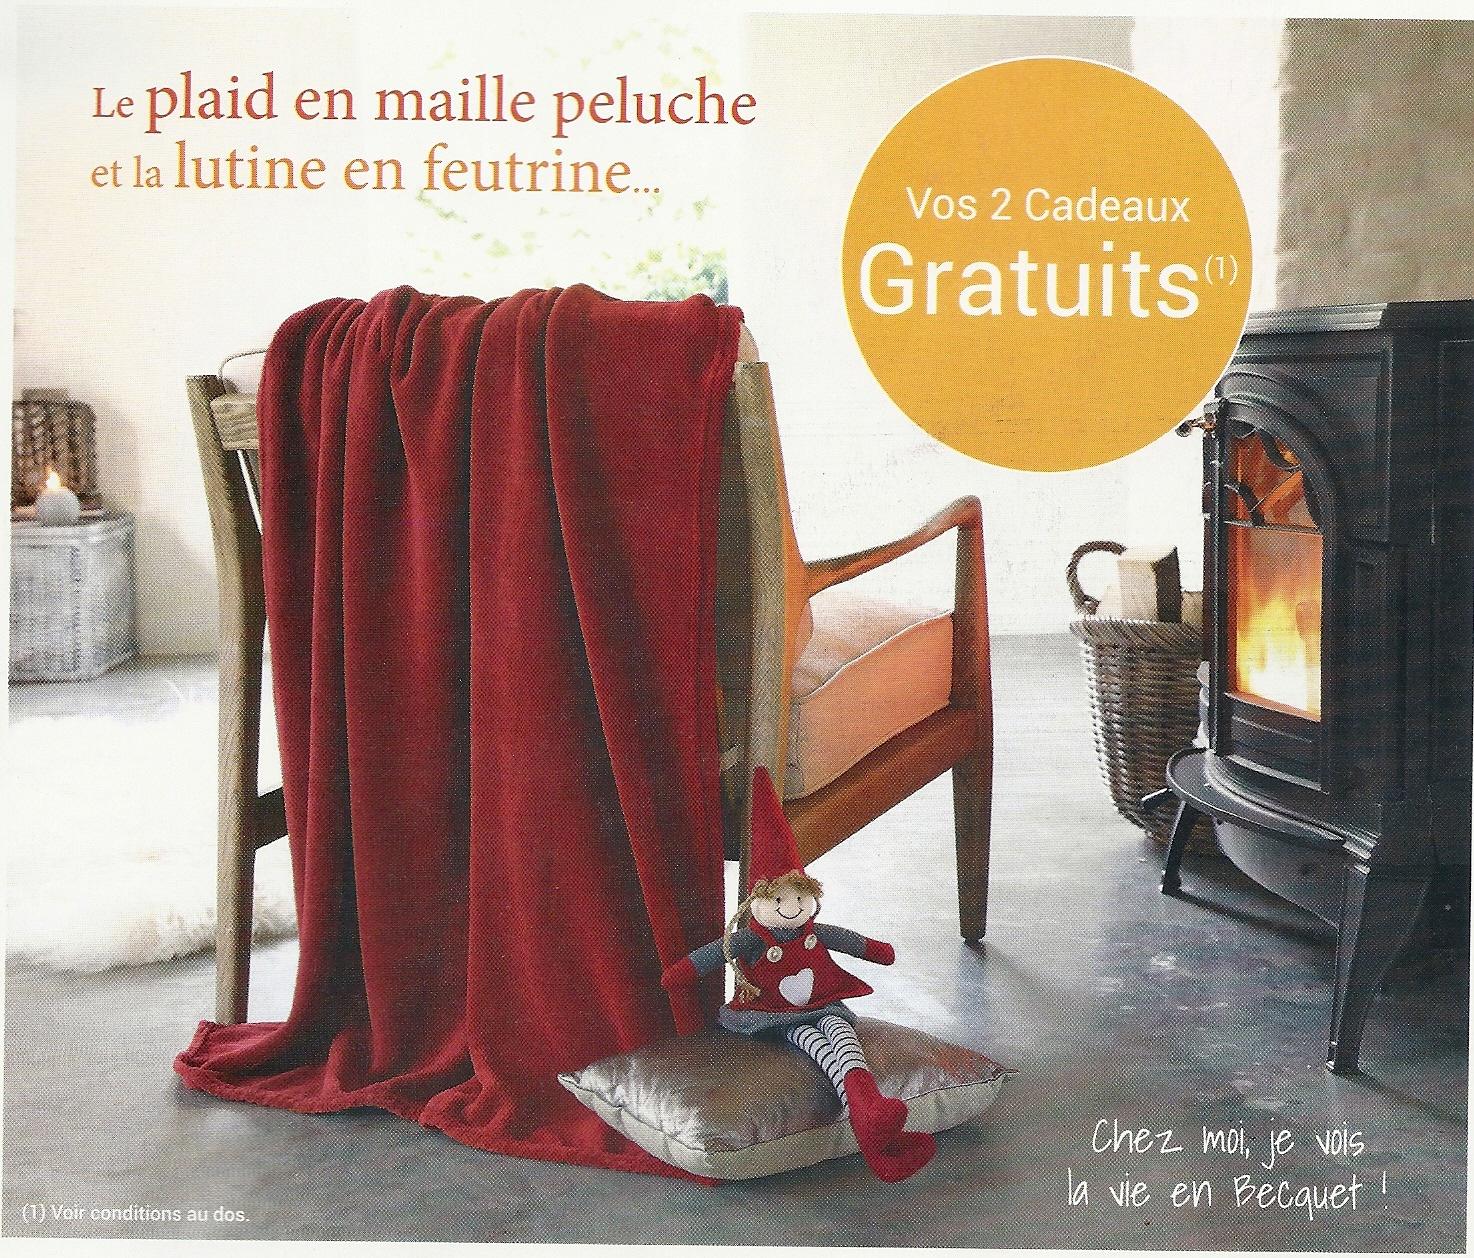 Cadeau Plaid Maille Lutine